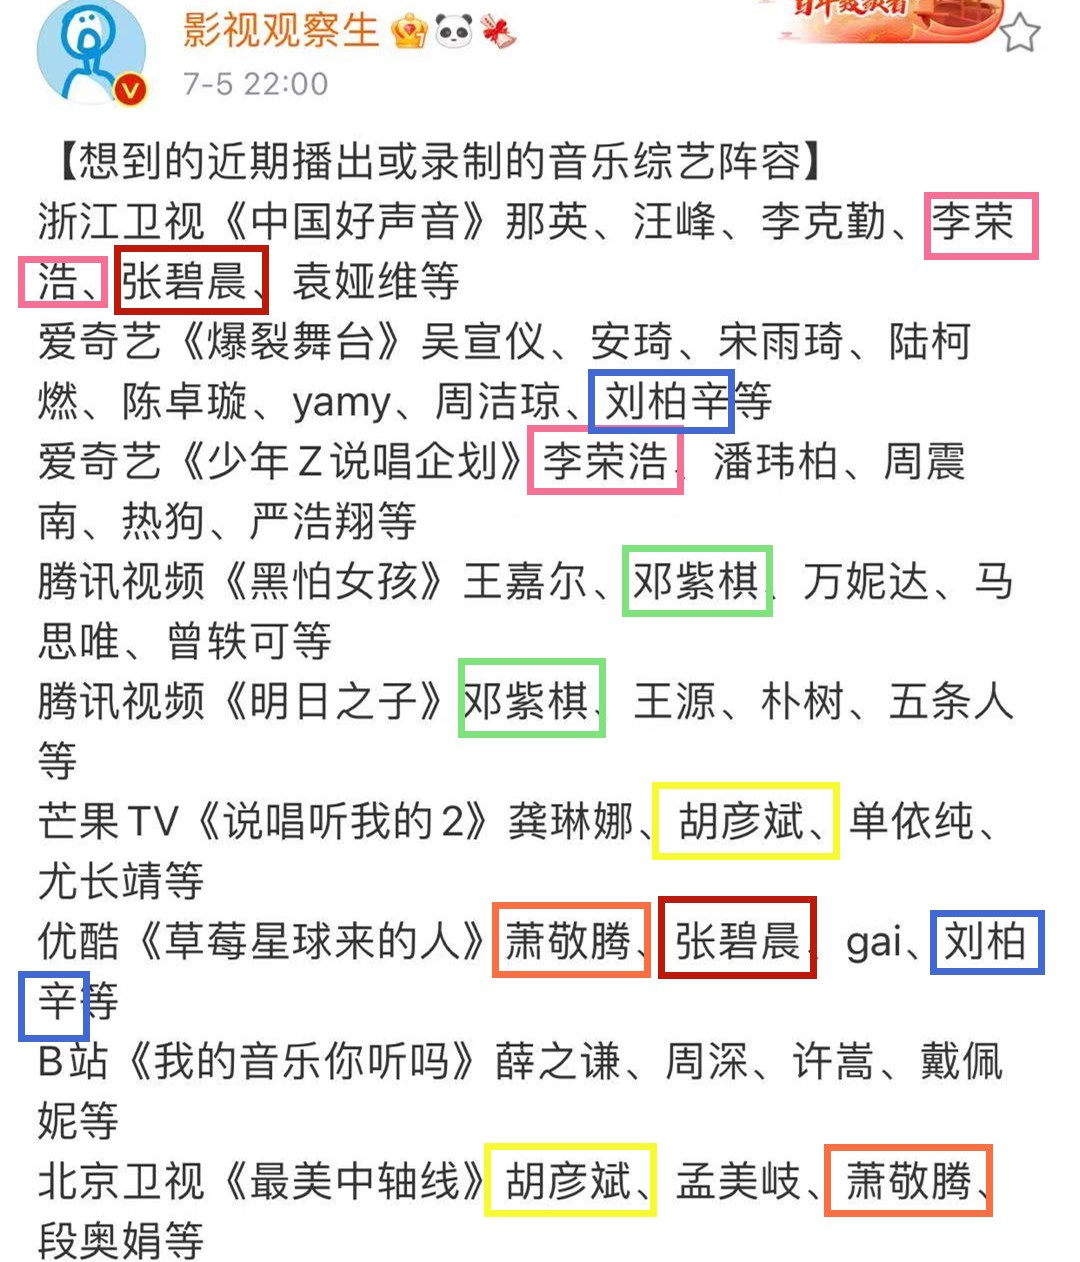 9档待播音乐综艺导师:那英接替刘欢,邓紫棋和张碧晨成最大赢家_滚动娱乐新闻